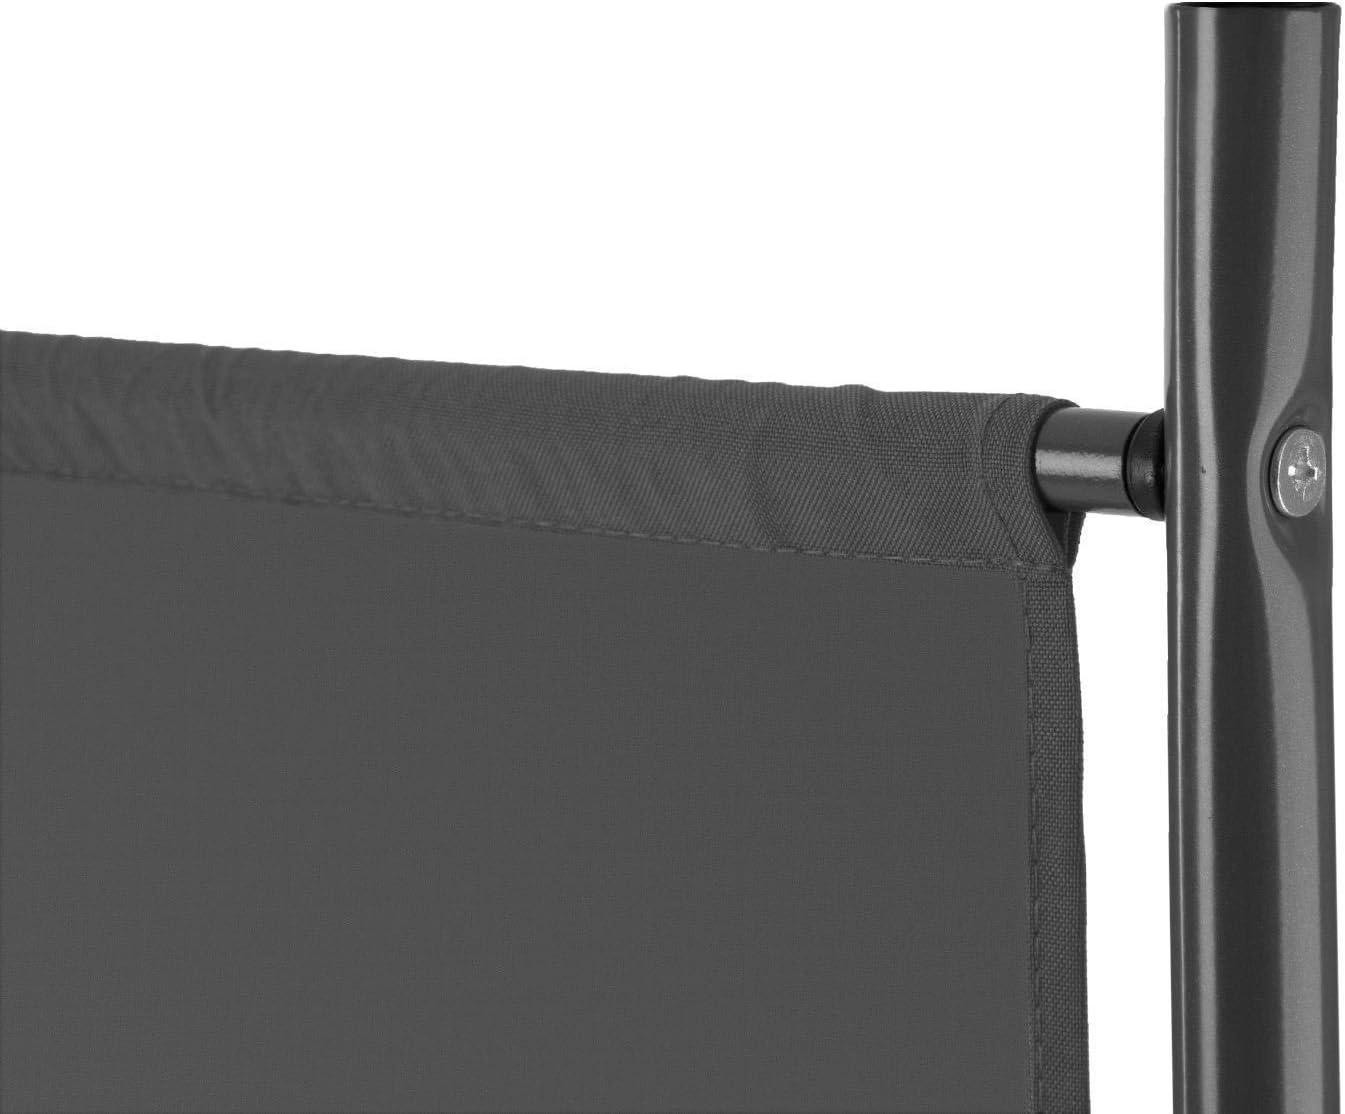 SAILUN 260x180cm S/éparateur Ext/érieure Diviseur despace Paravent Cloison de Protection Anthracite